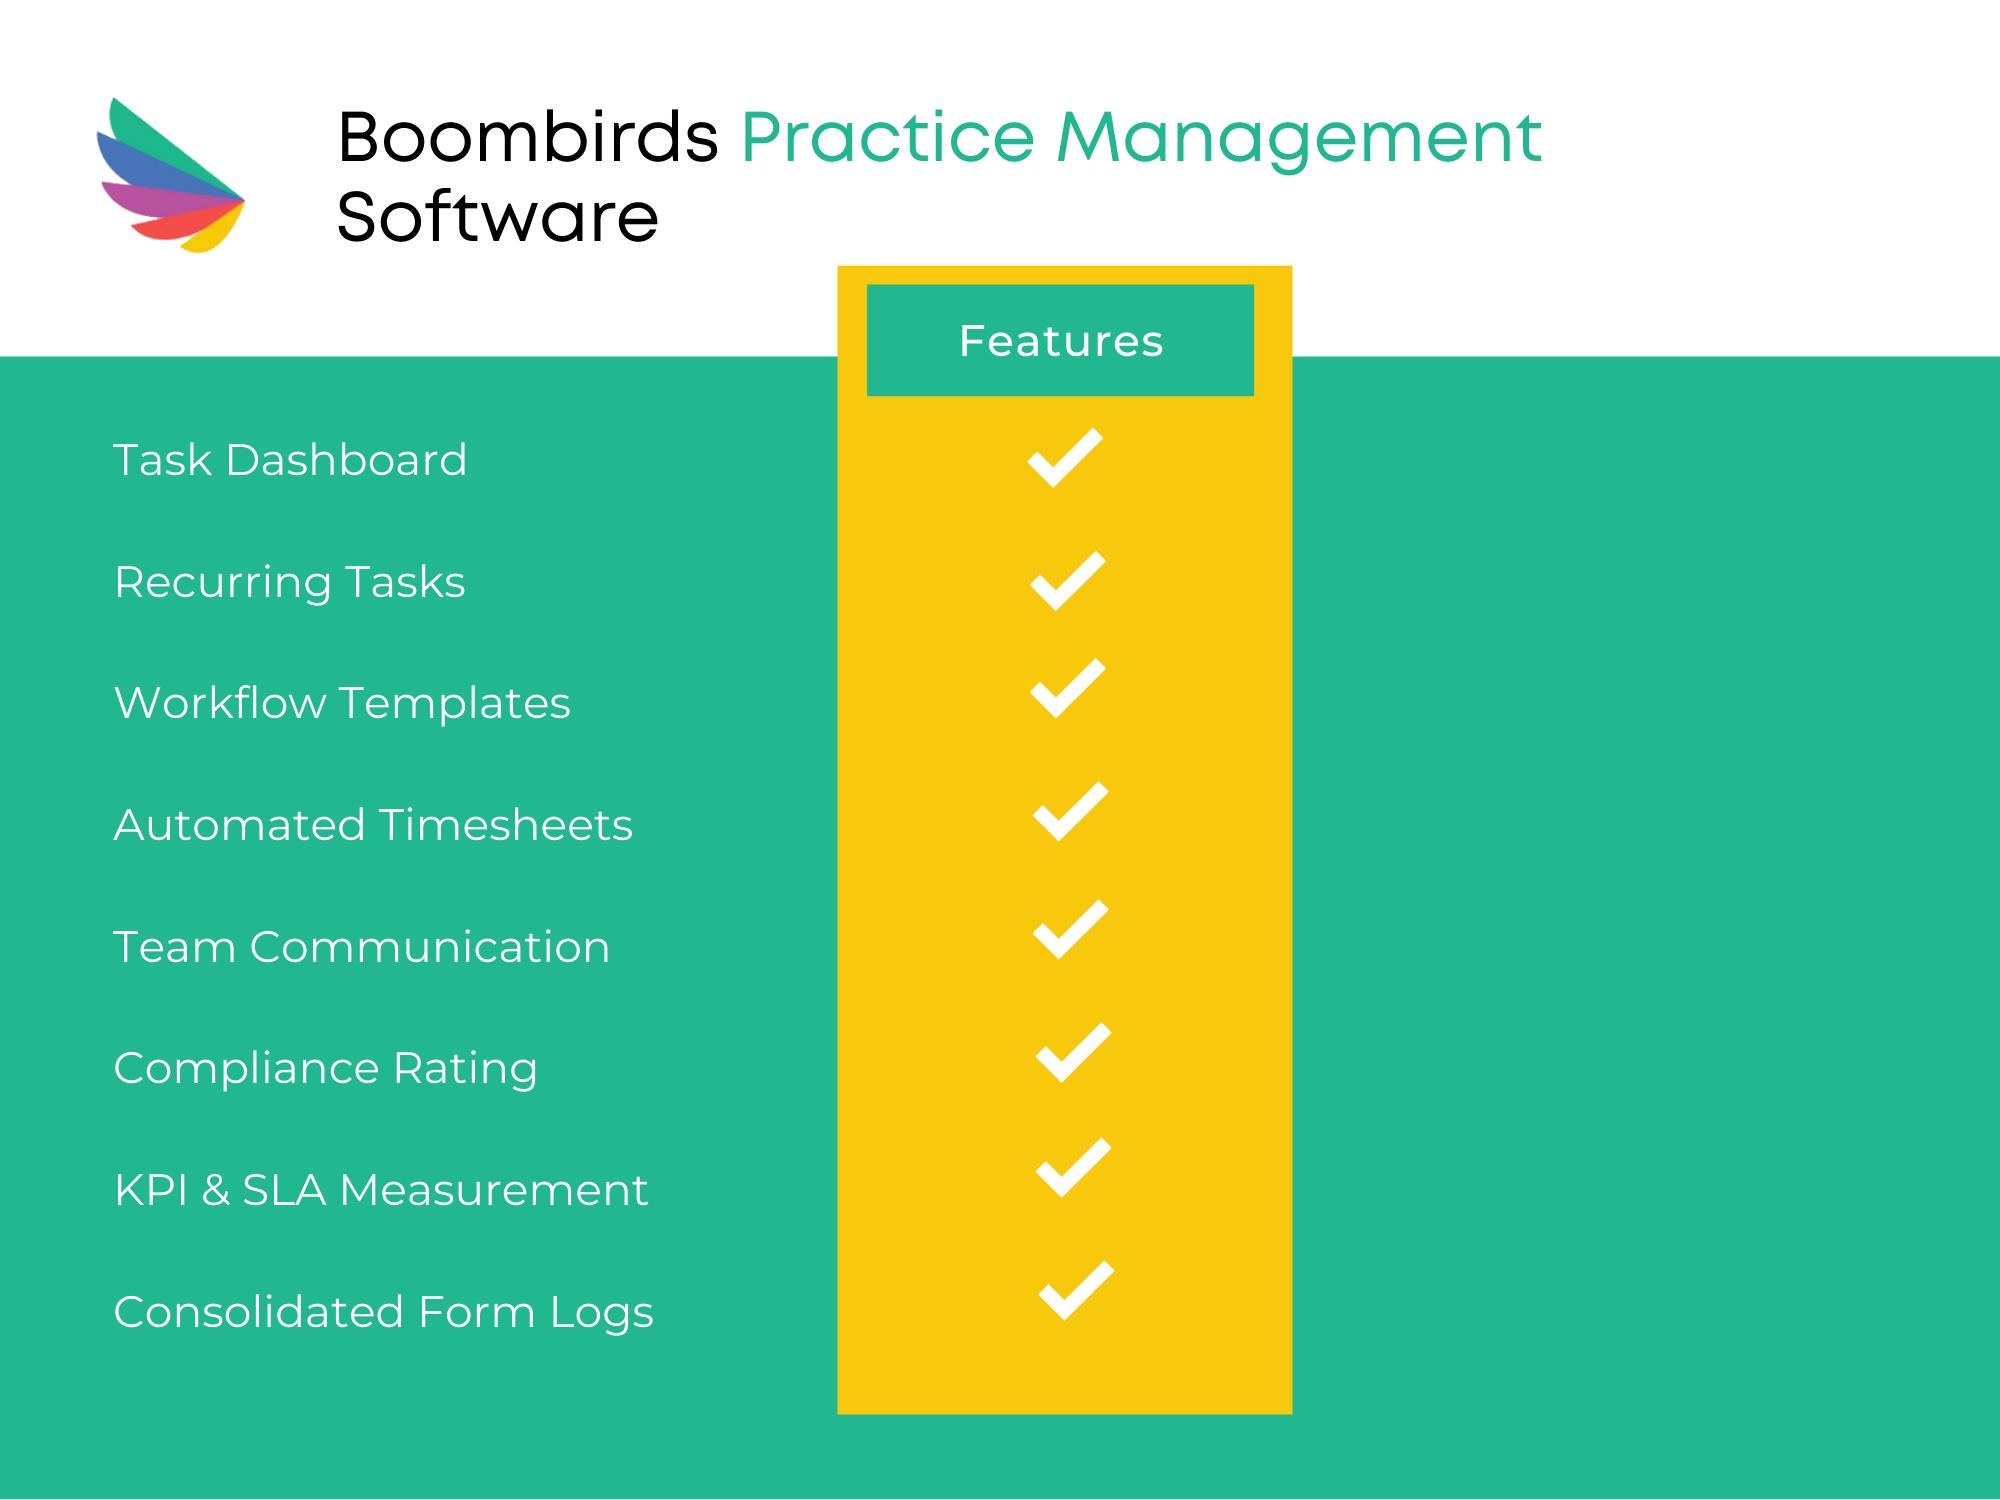 Boombirds practice management